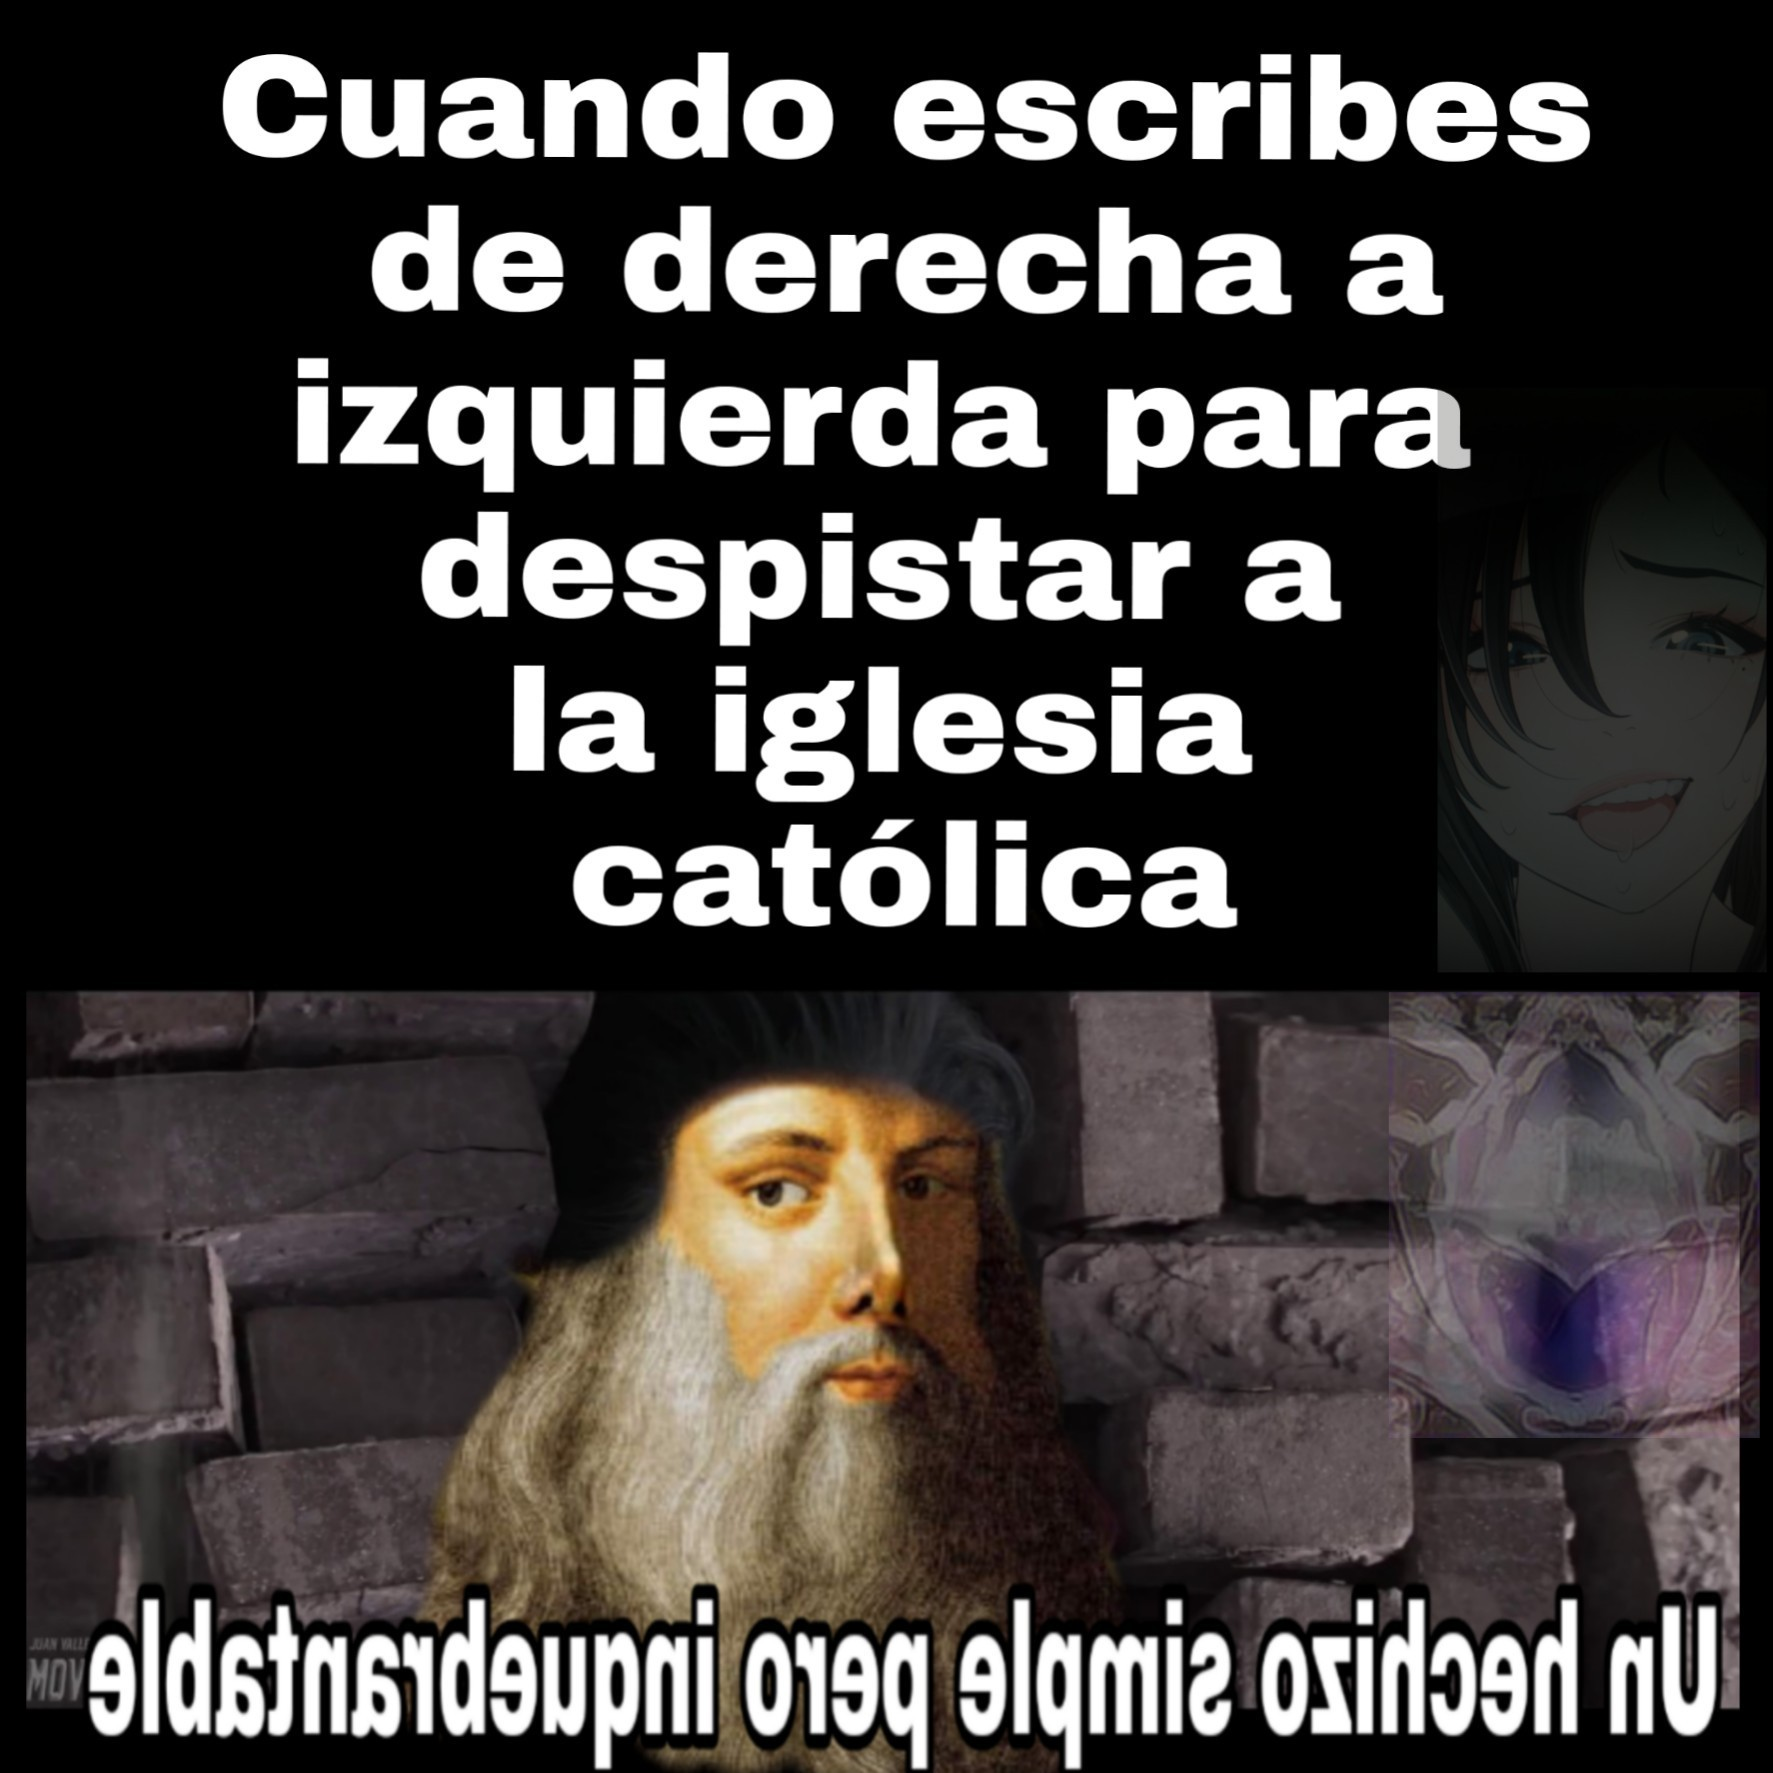 .djsjsjemeld - meme